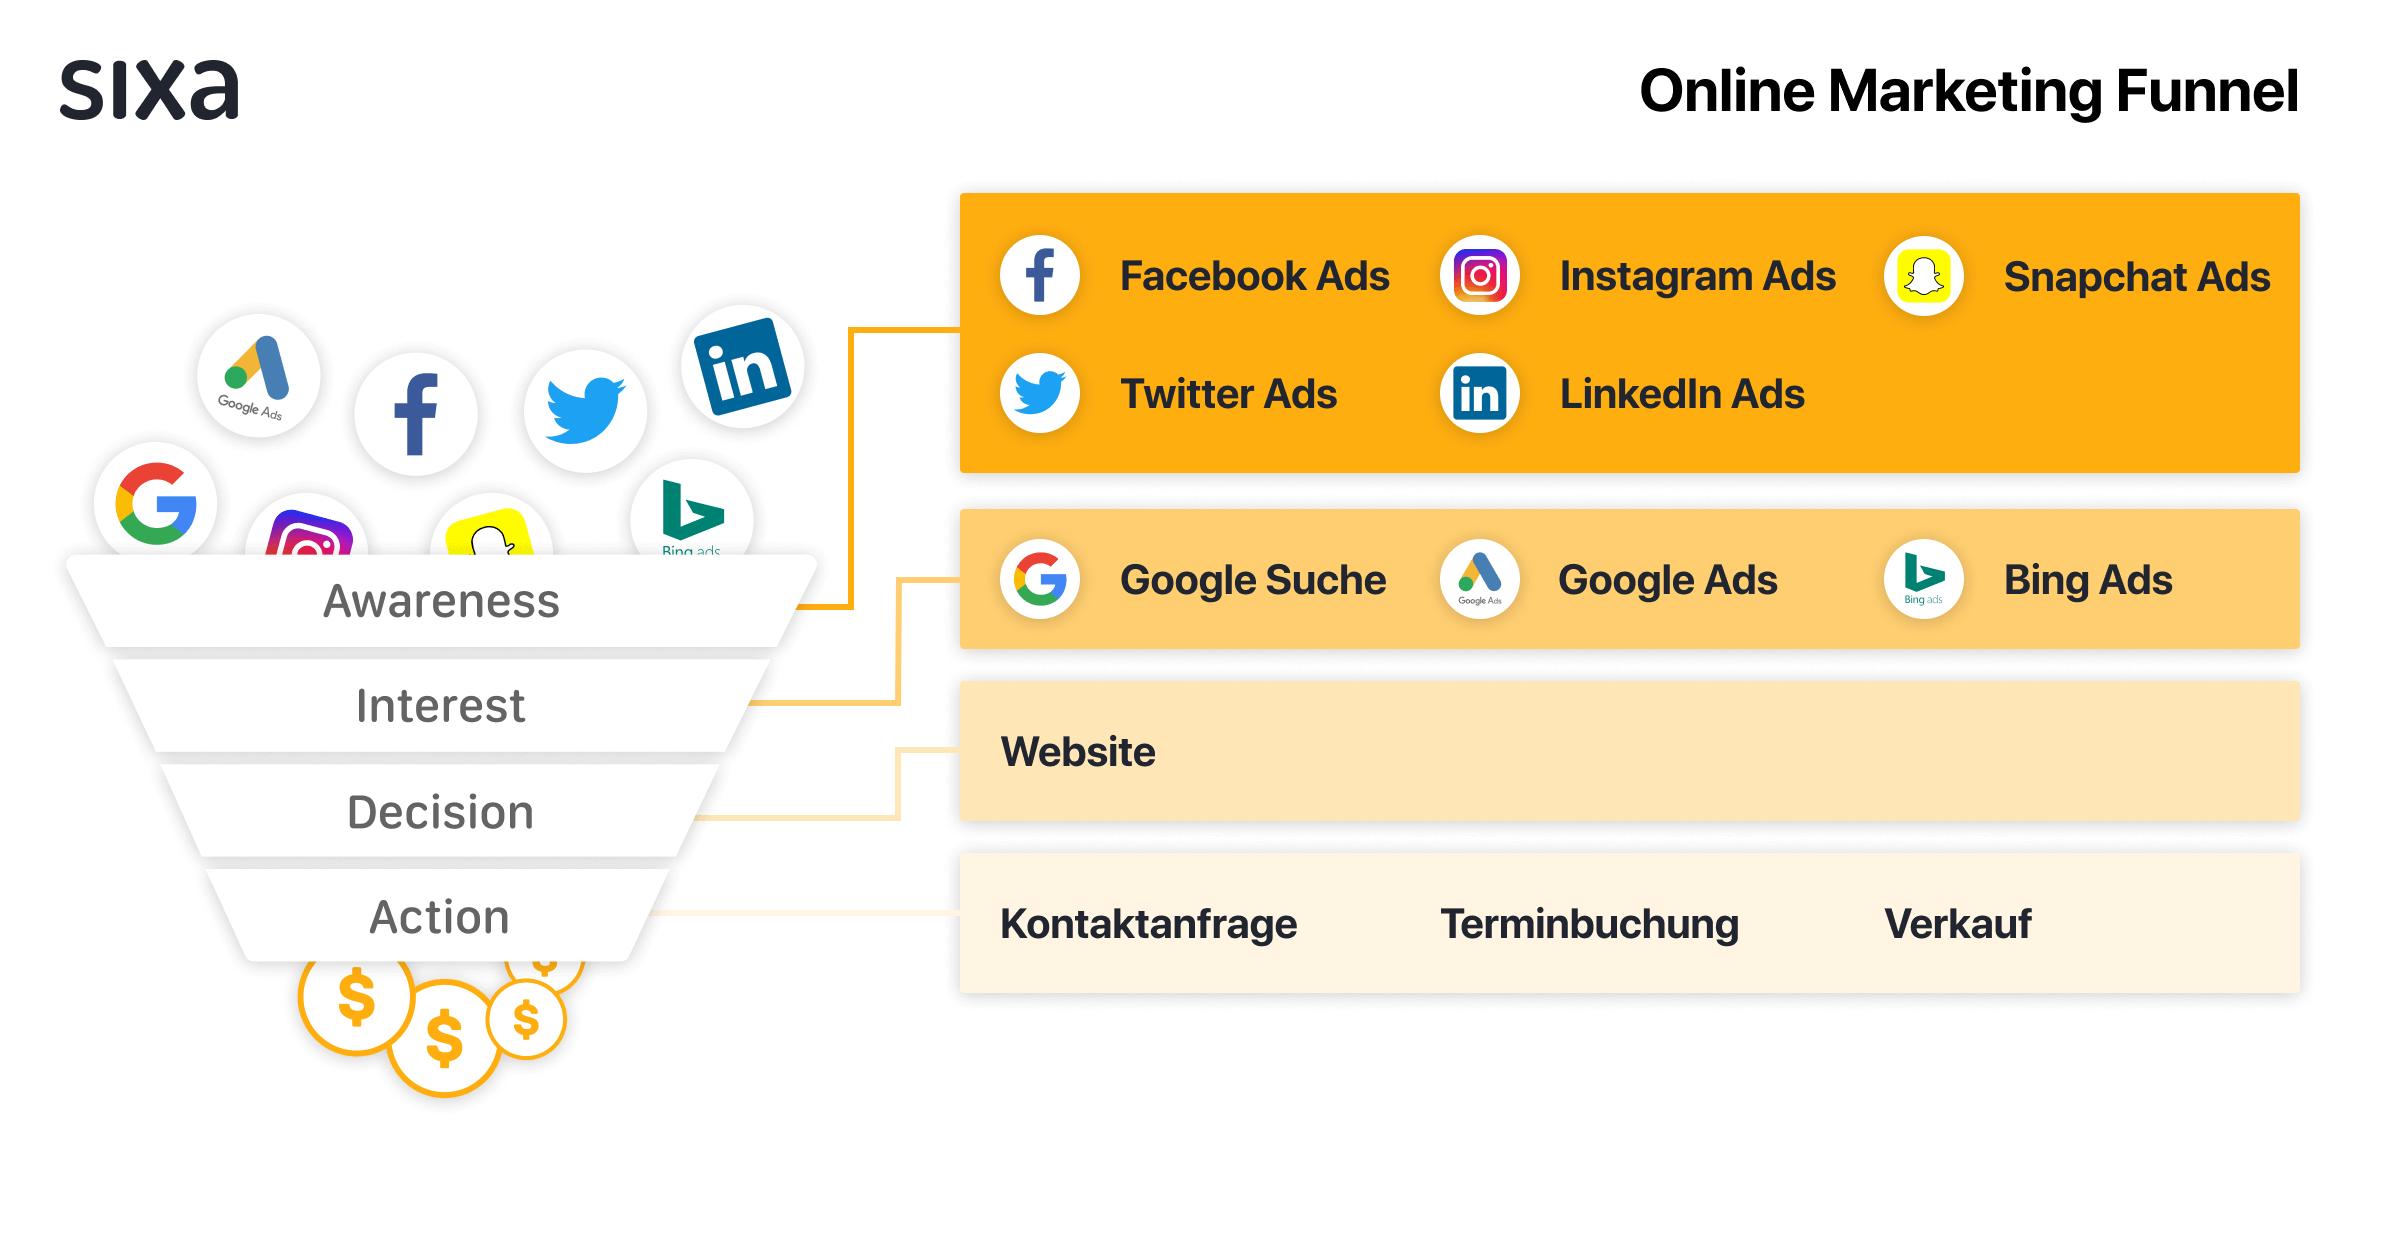 Übersicht Online Marketing Funnel